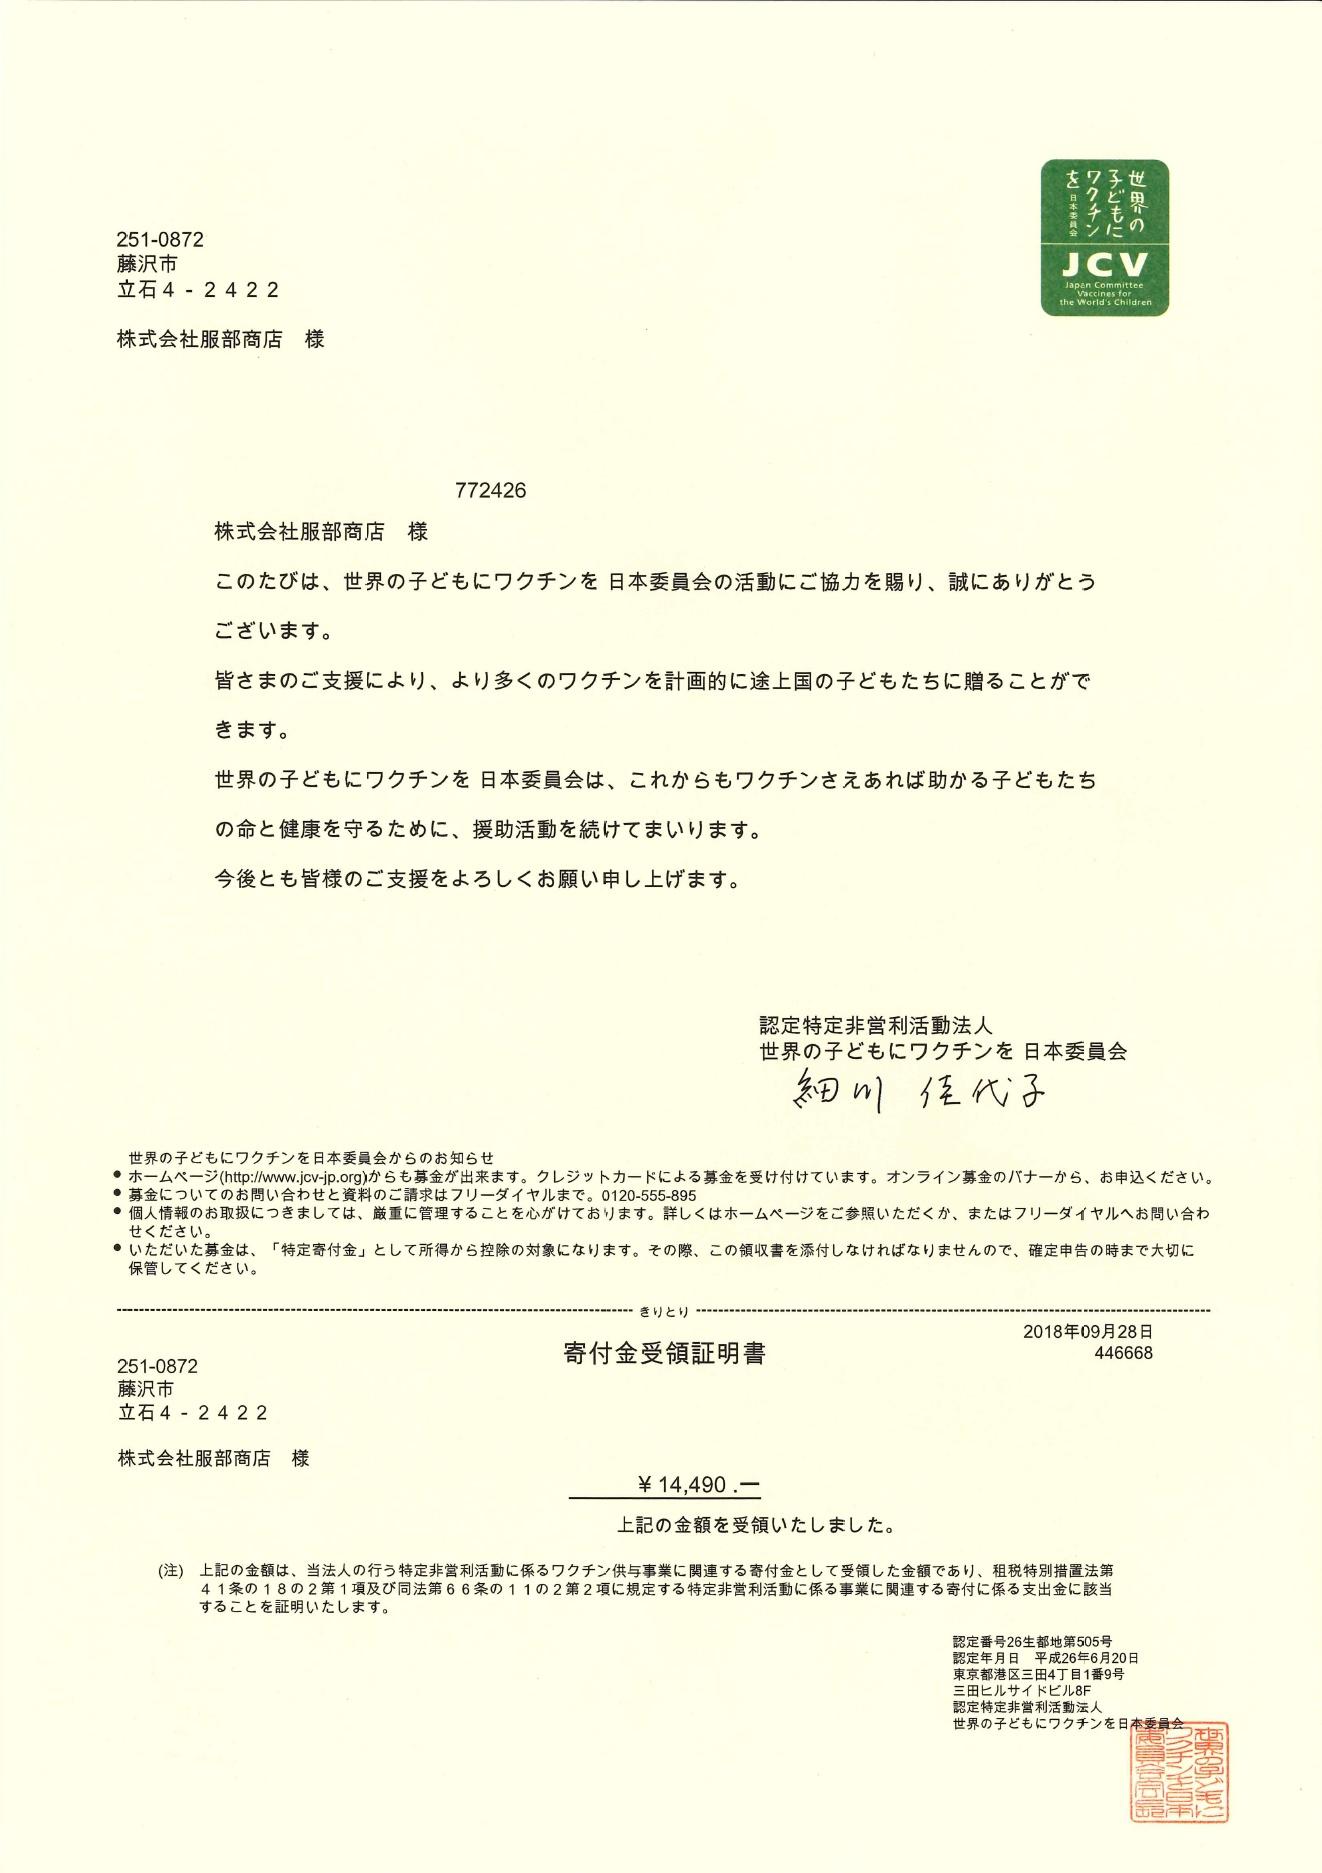 服部商店 ロコヨキャッププロジェクト 報告書 40